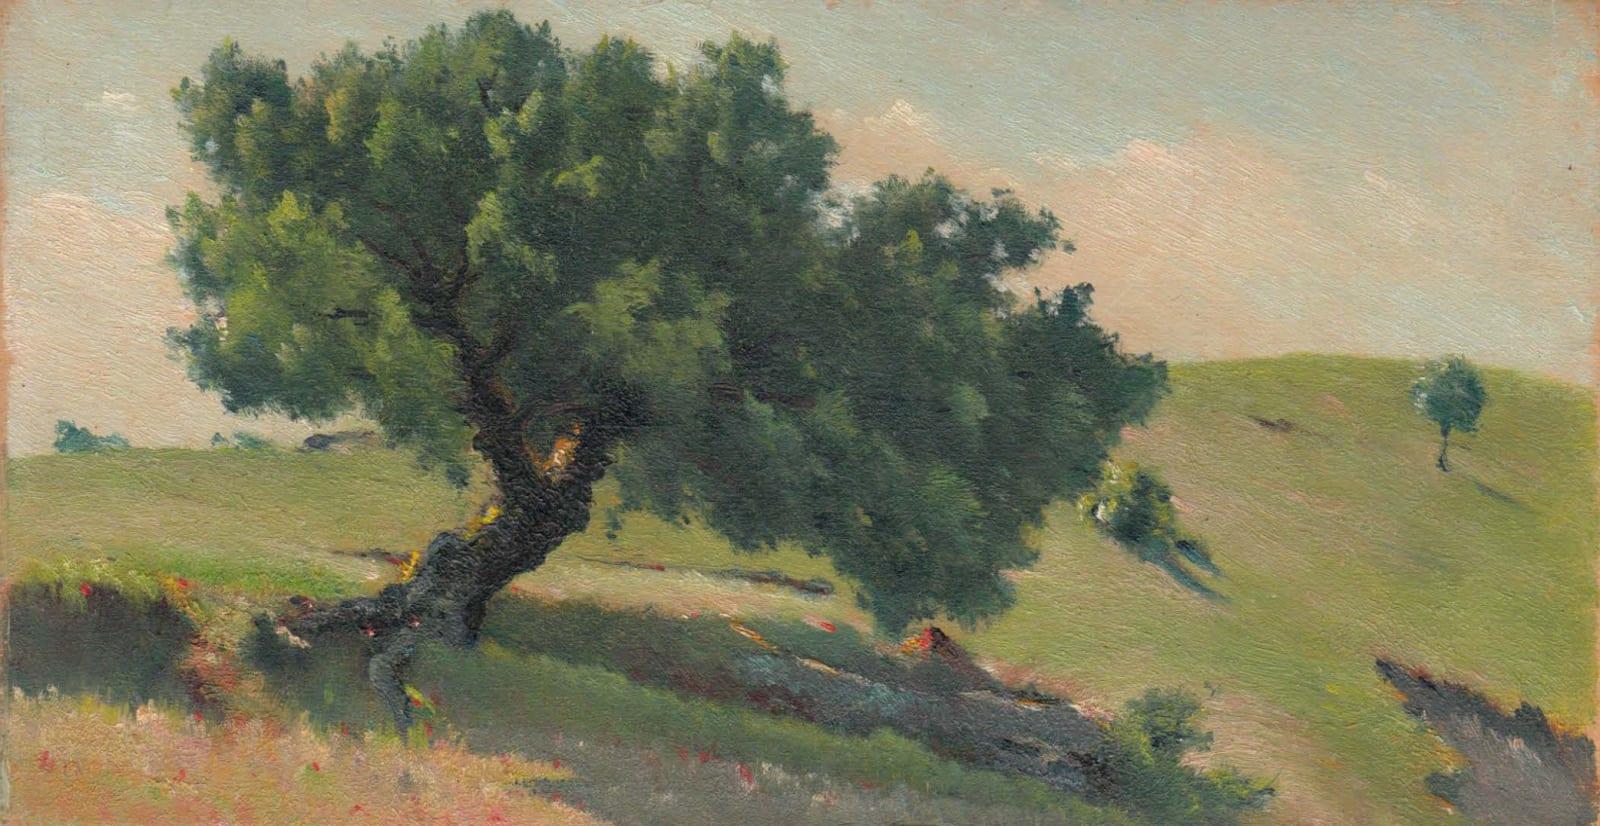 EDOUARD ATHÉNOSY, The falling tree, 1914